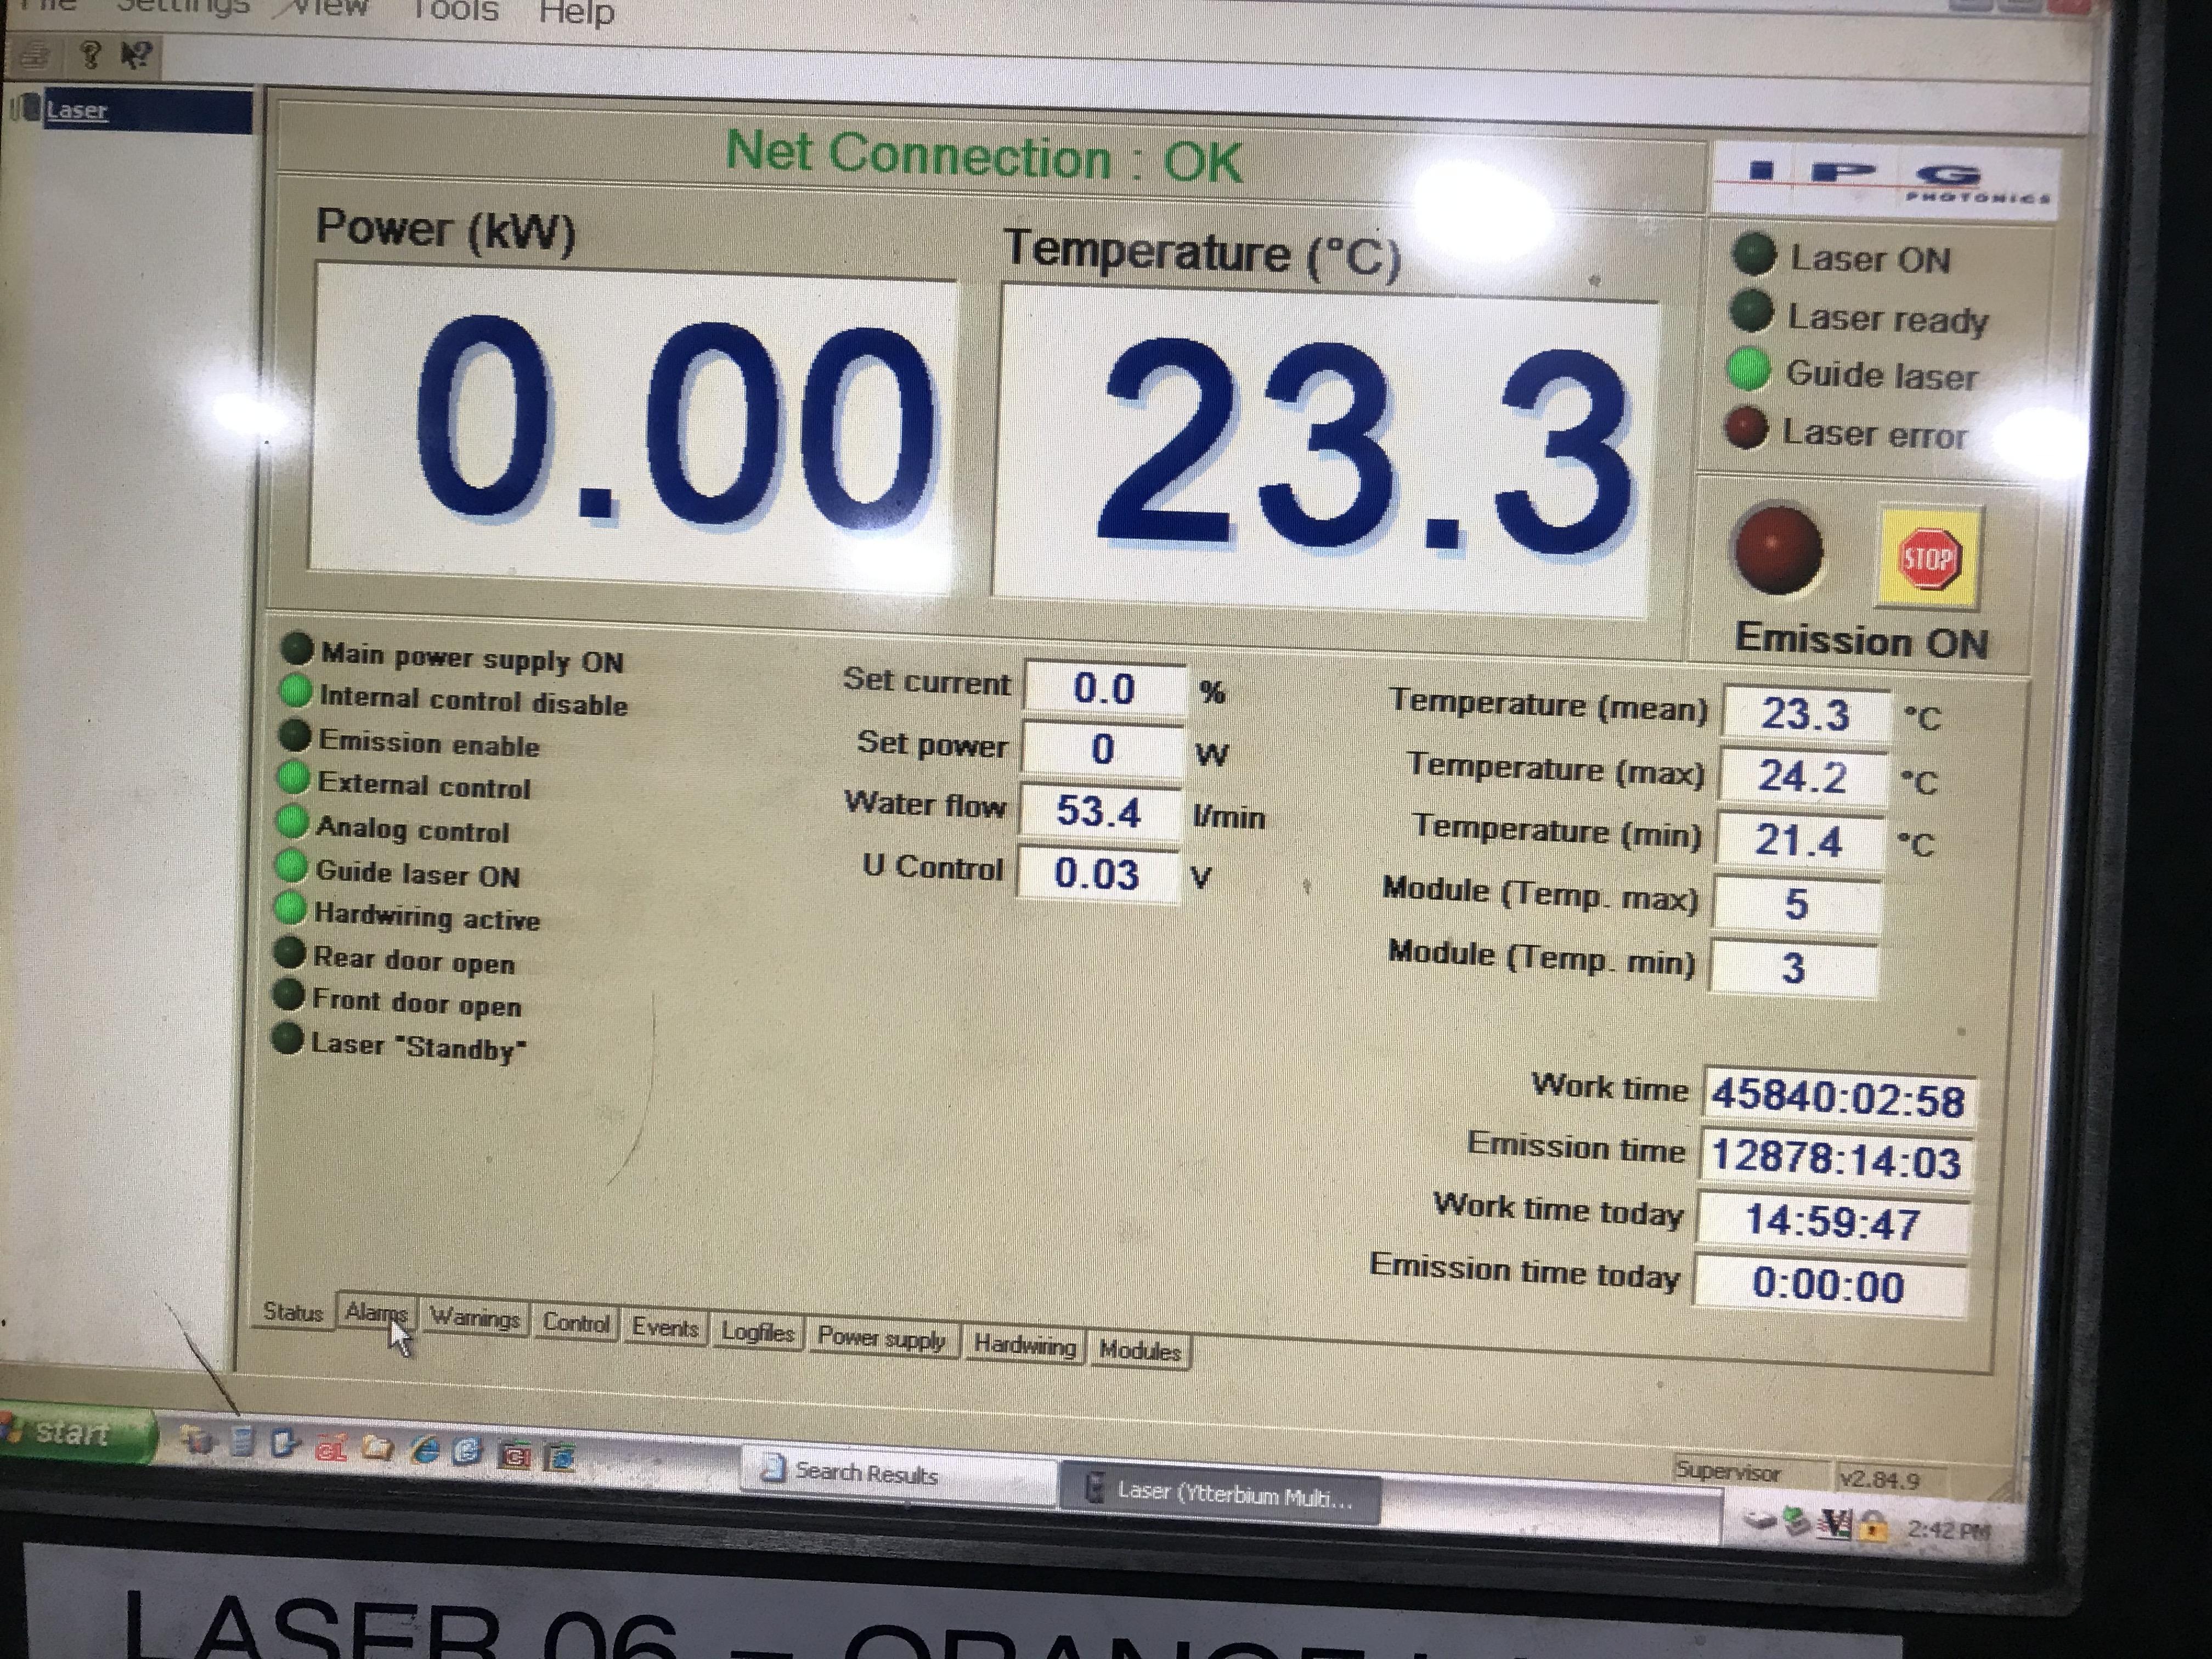 Cincinnati CL940 Fiber Laser, 4,000 Watt, 5' x 10' Dual Pallets, Chiller, Dust Collector, Low Hours - Image 7 of 7